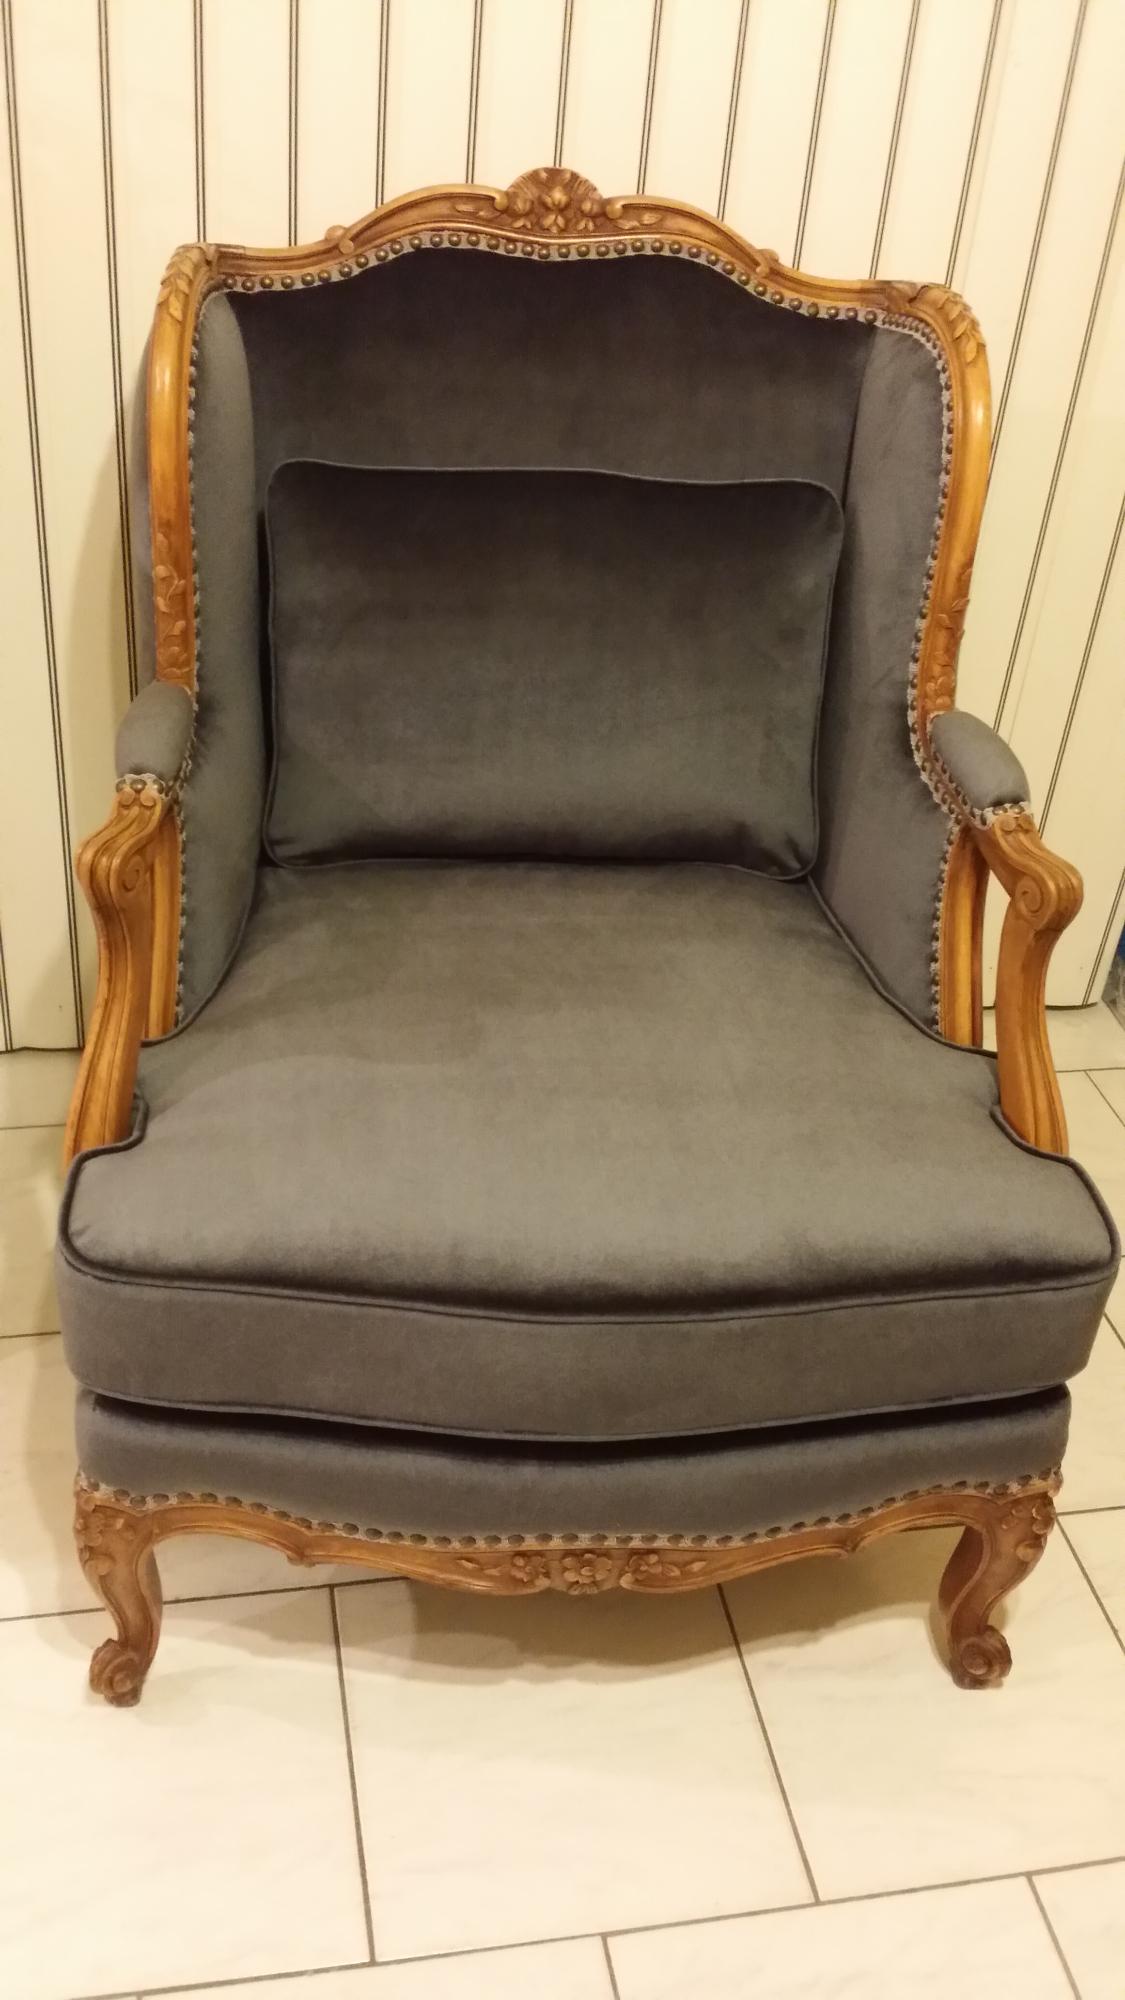 Rembourreur marc gillis rembourrage de meubles antiques for Meubles brossard